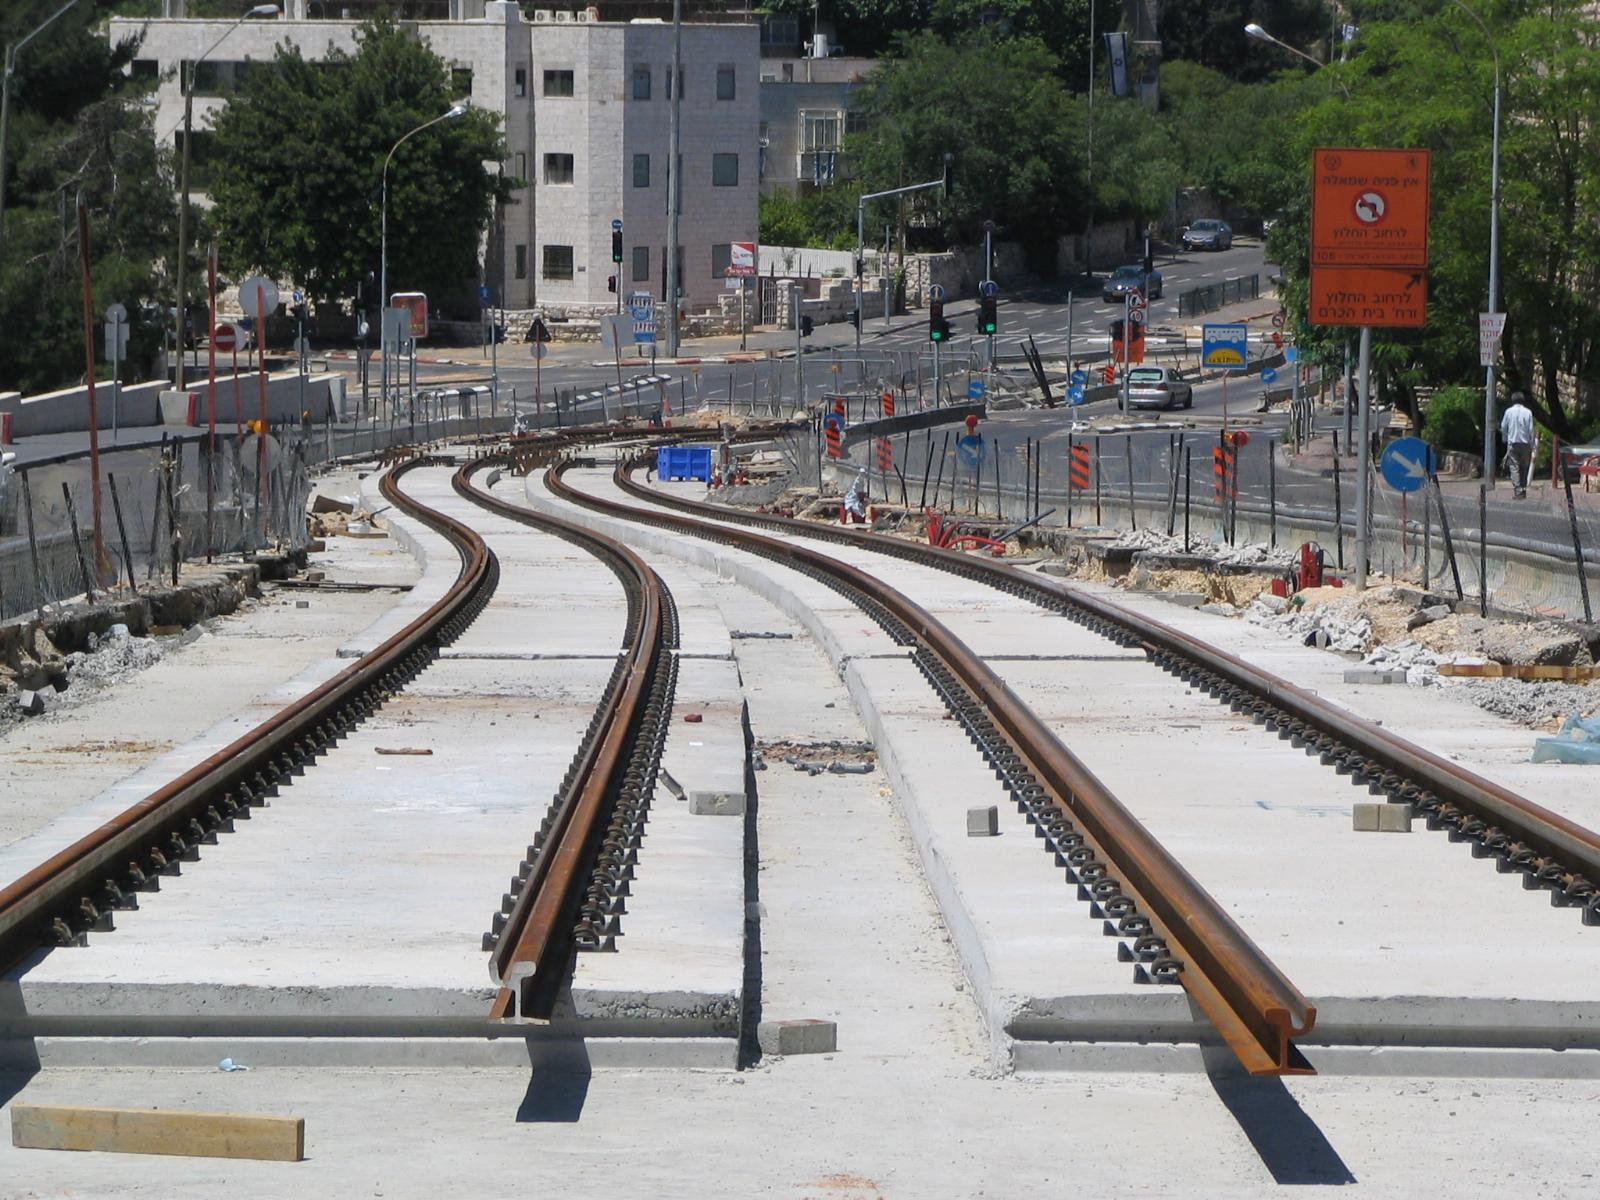 FileLight rail tracks on Herzl Blvd.jpg & File:Light rail tracks on Herzl Blvd.jpg - Wikimedia Commons azcodes.com